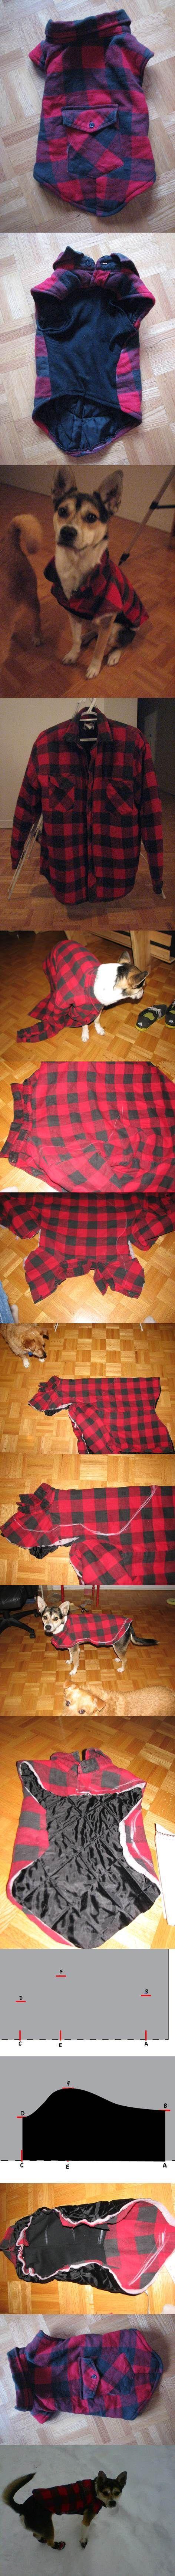 Jaqueta DIY Dog Inverno de Old camisa 2